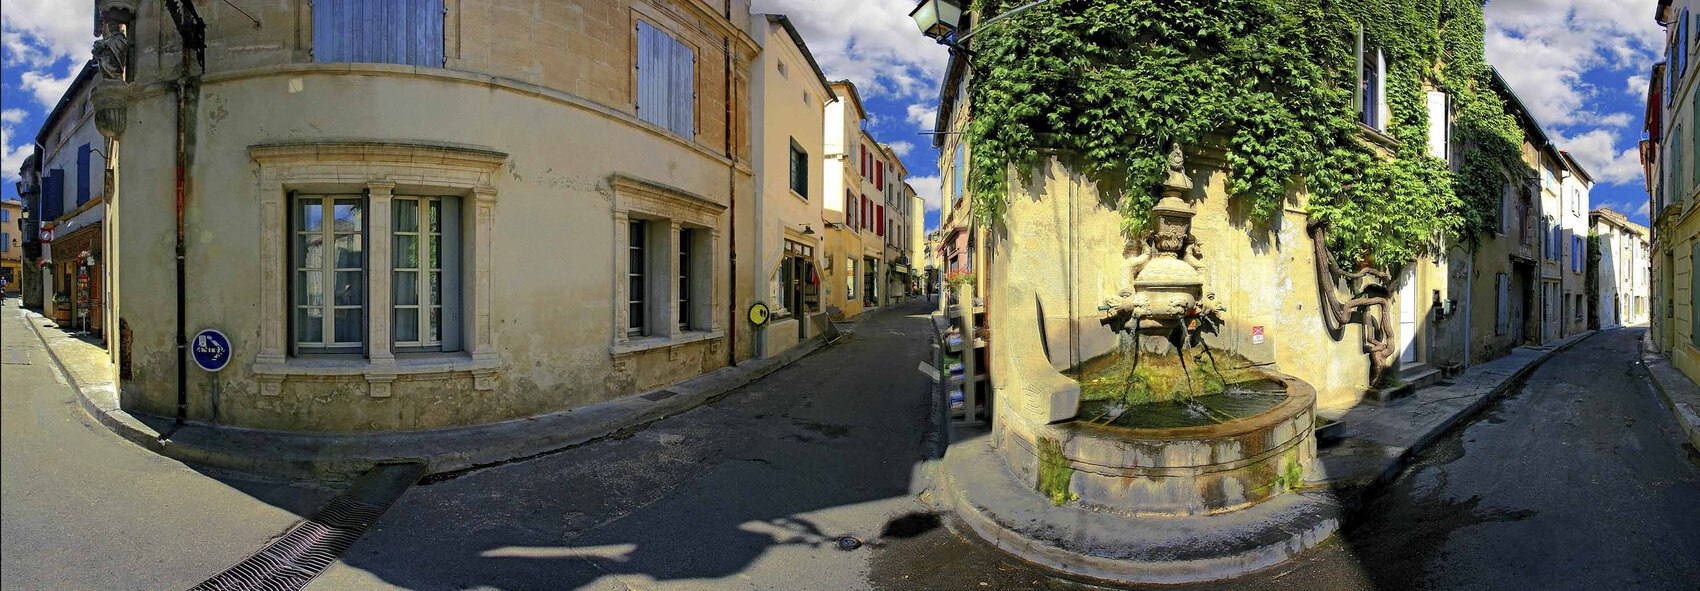 Fontaine Nostradamus - Le fichier 20€ - Tirages tous formats voir mon site sur mon profil